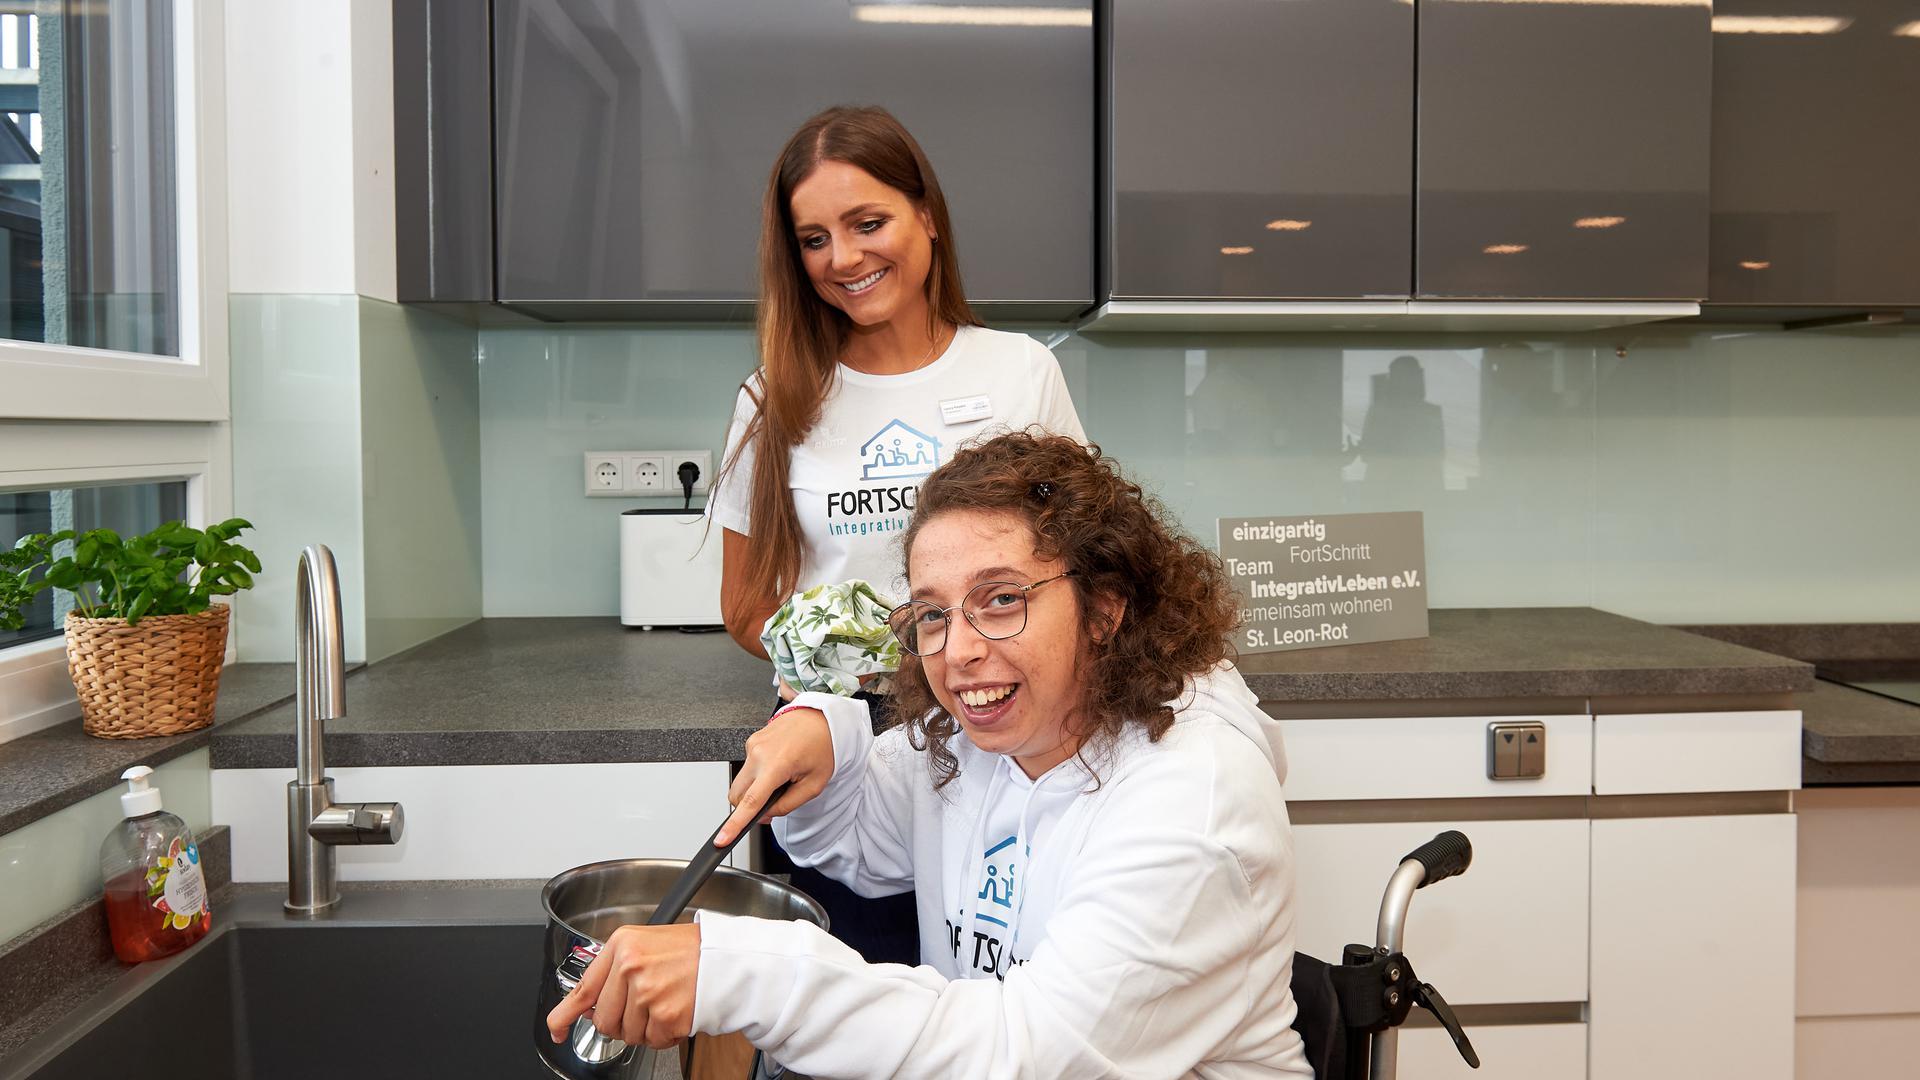 Zwei Frauen in Küche, eine im Rollstuhl.